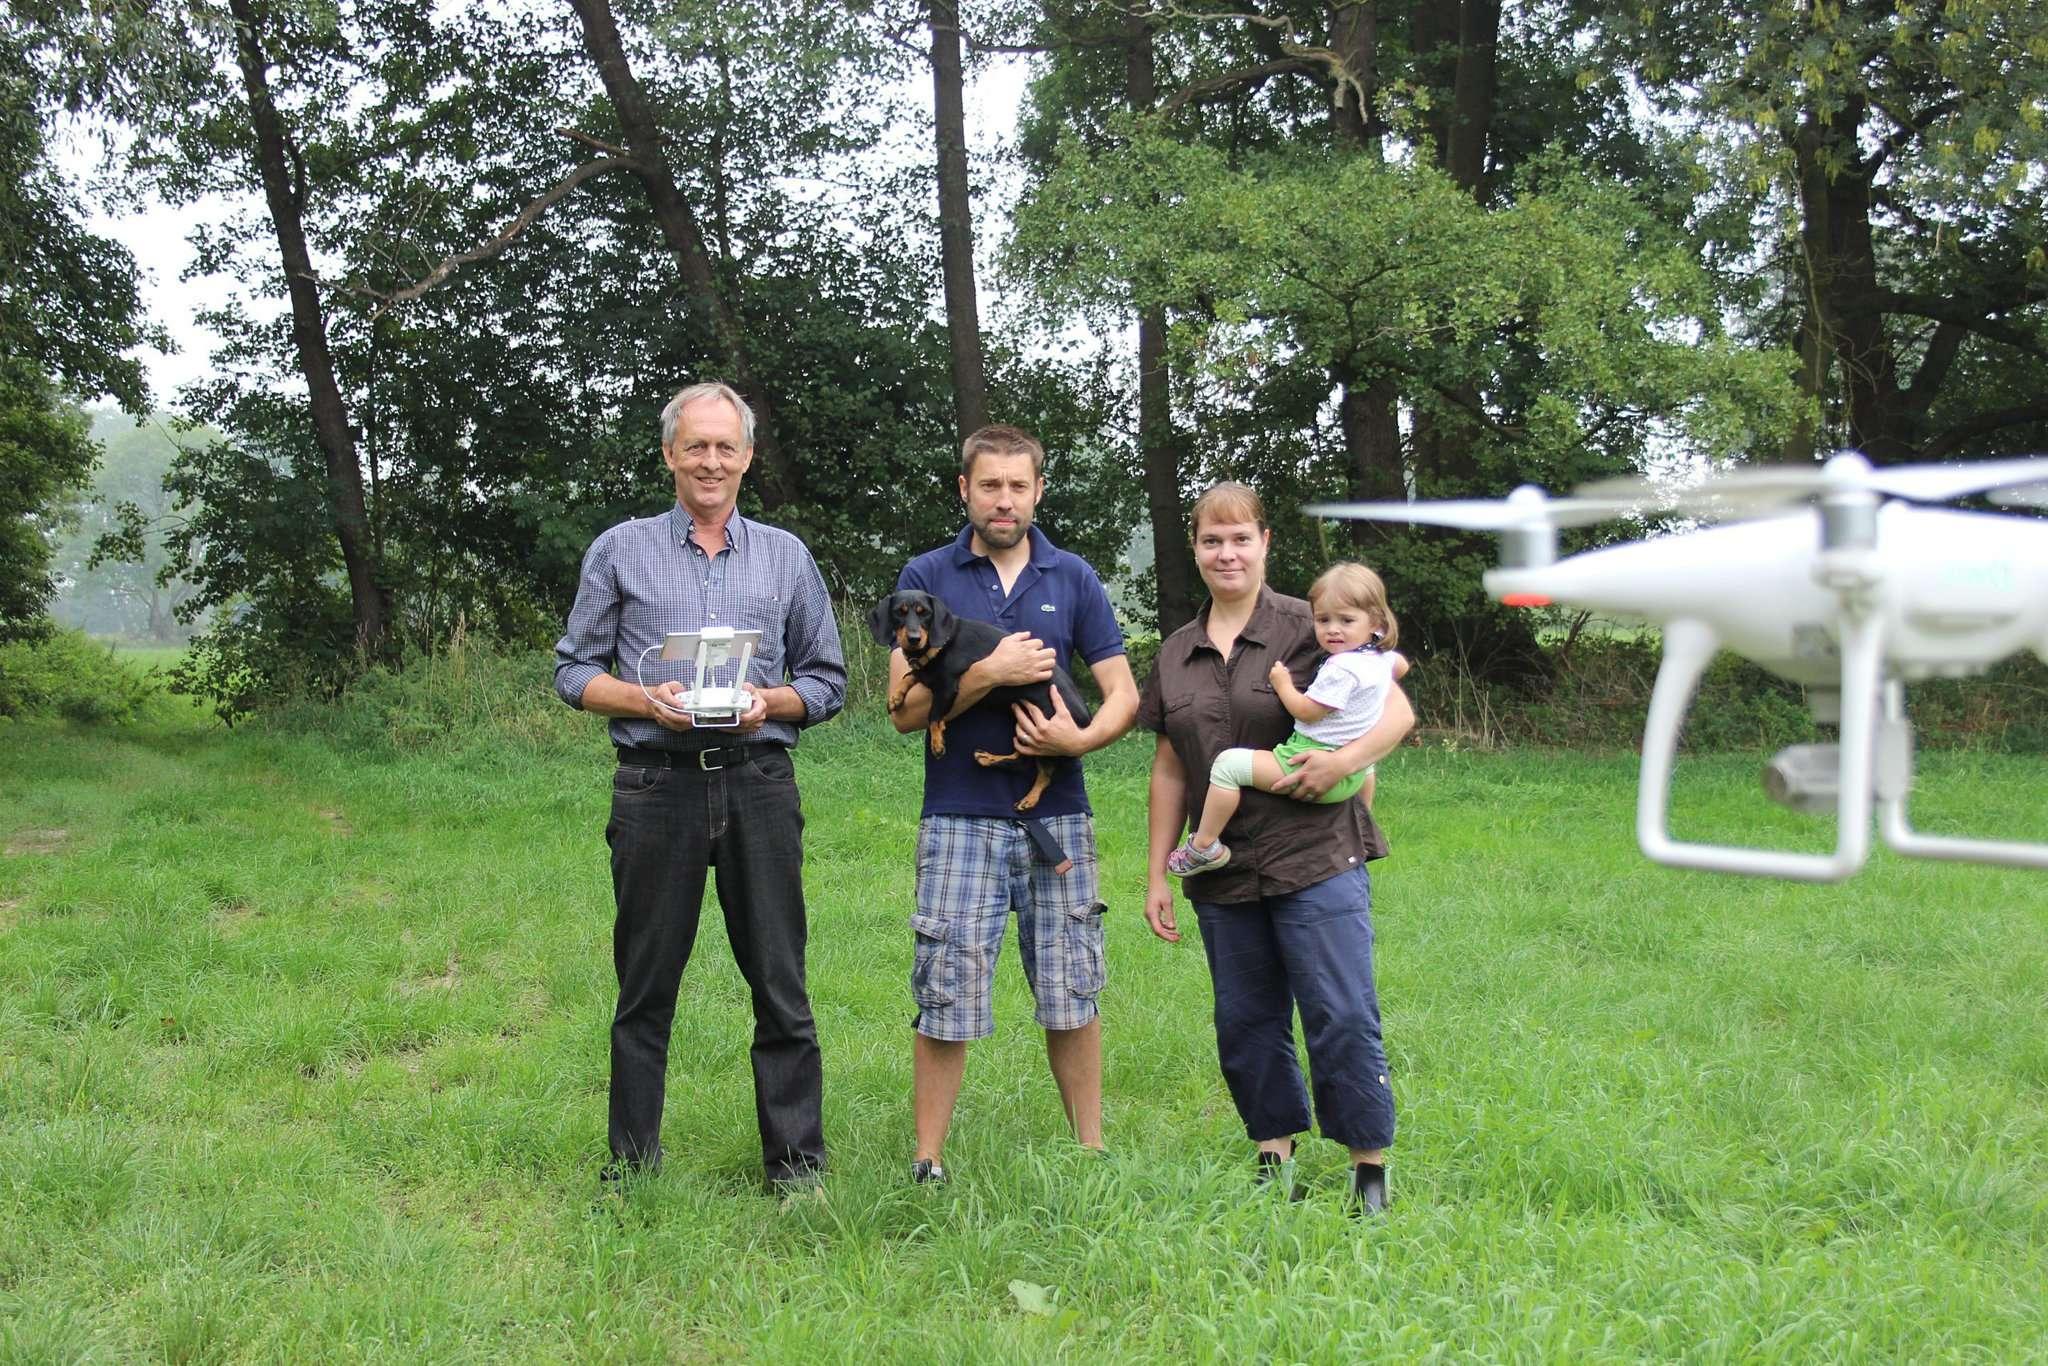 Wollen mithilfe einer Drohne mit Wärmebildfunktion Rehkitze vor den Mähmaschinen retten (von links): Bernd Heitmann sowie Thorsten und Sarah Meyer. Foto: Björn Blaak